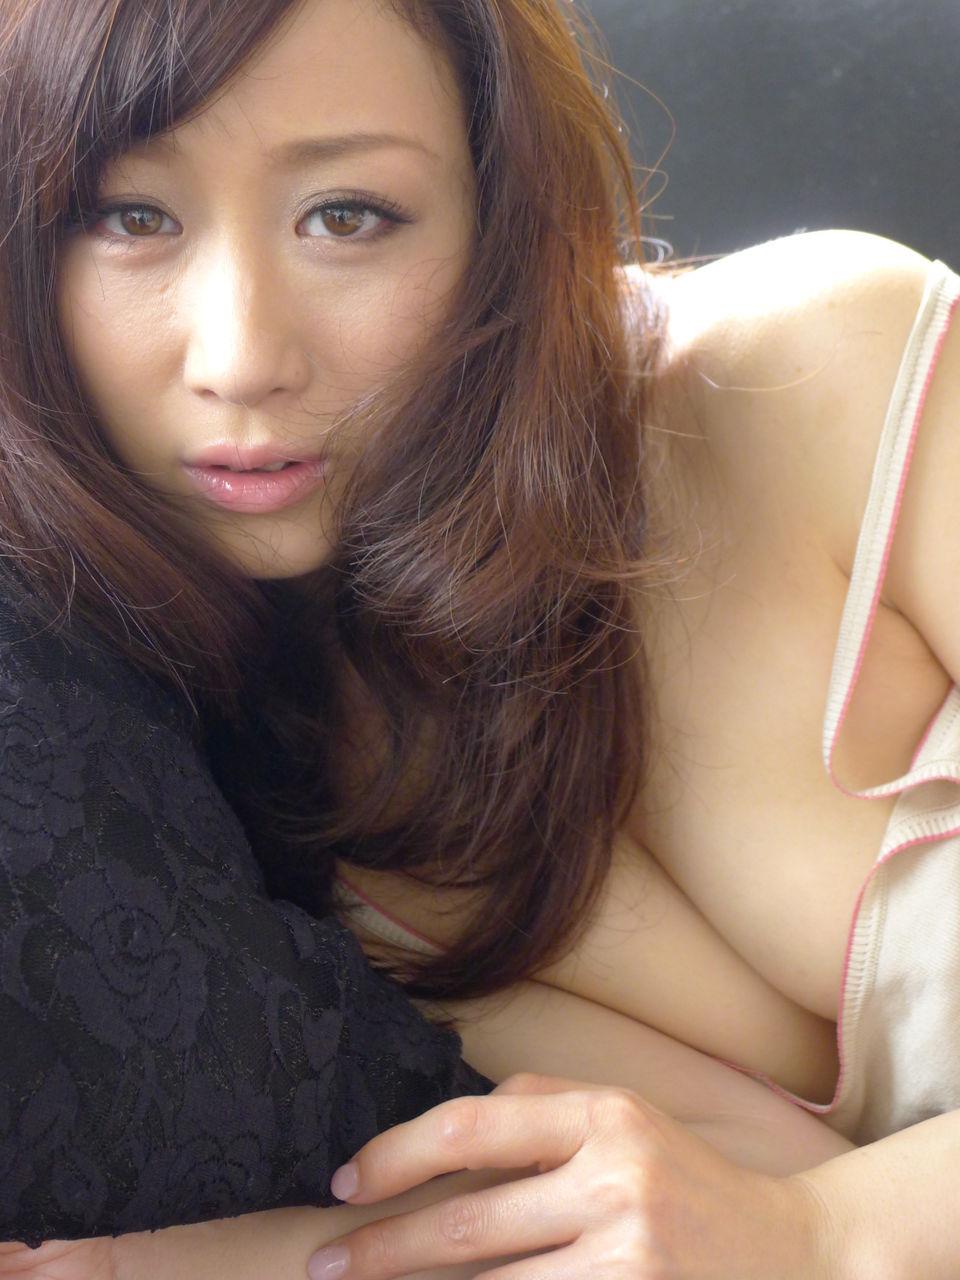 MARI MORIKAWA SM BONDAGE 5 L1220114 縺ョ繧ウ繝偵z繝シ